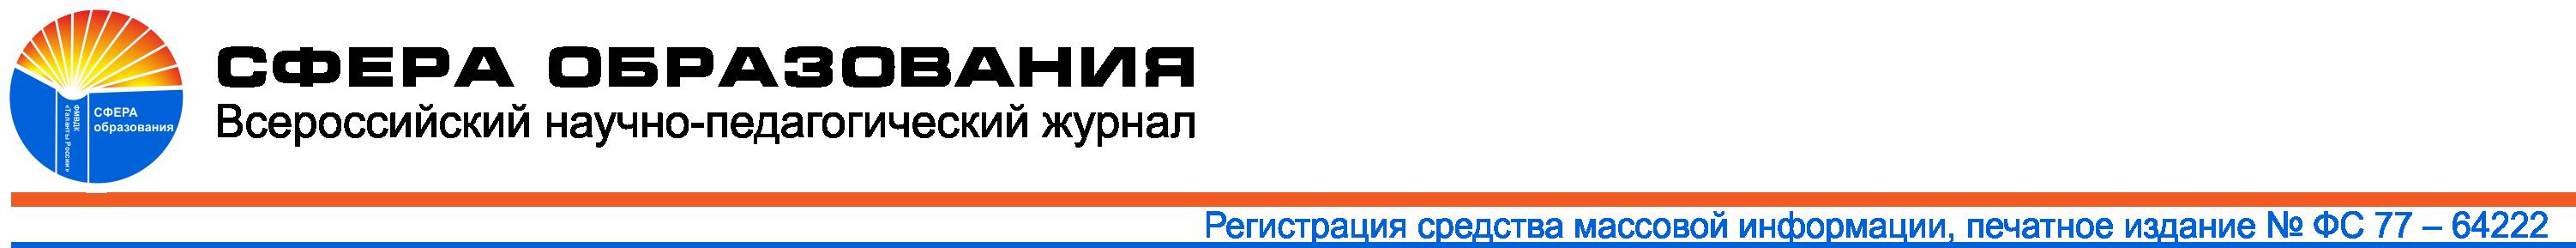 Всероссийский научно-педагогический журнал